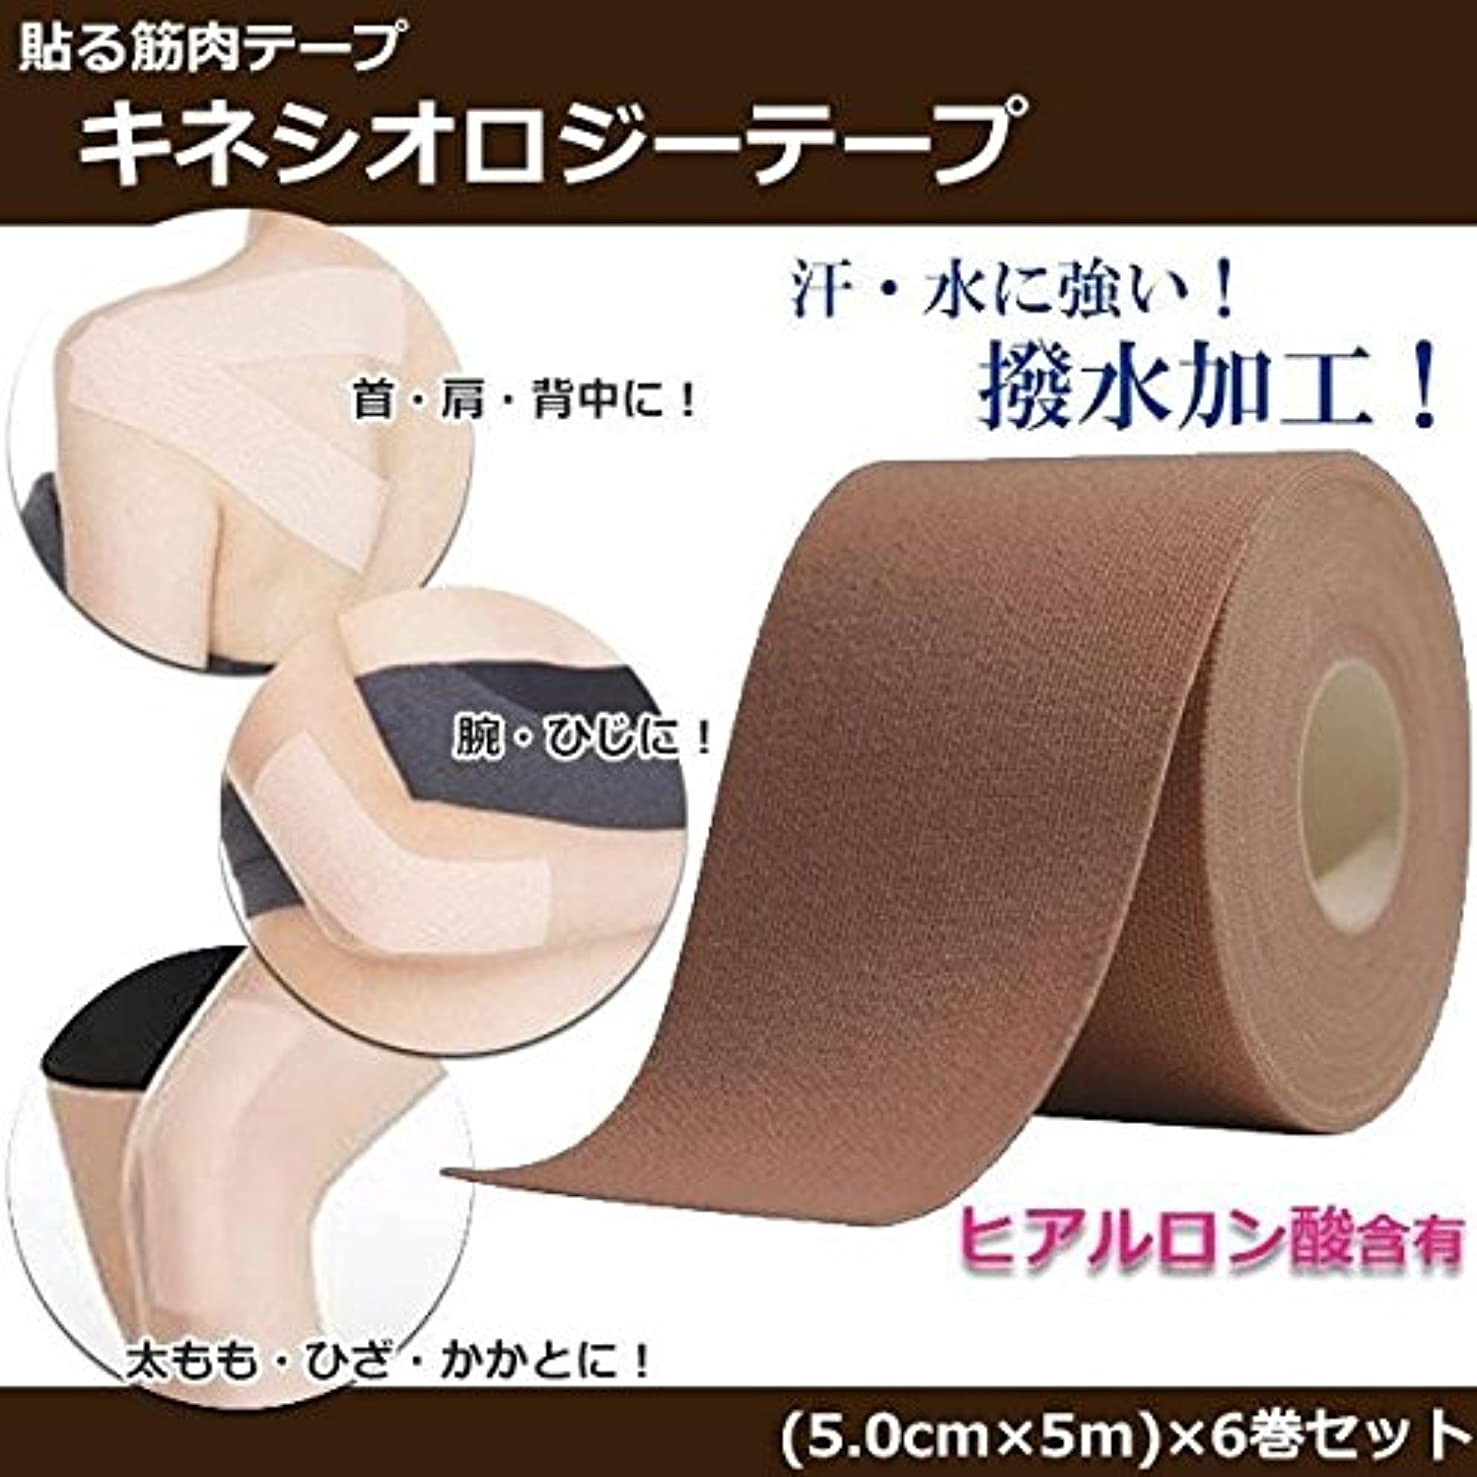 強制的発生器輪郭貼る筋肉テープ キネシオロジーテープ ヒアルロン酸含有 日本製 6巻セット